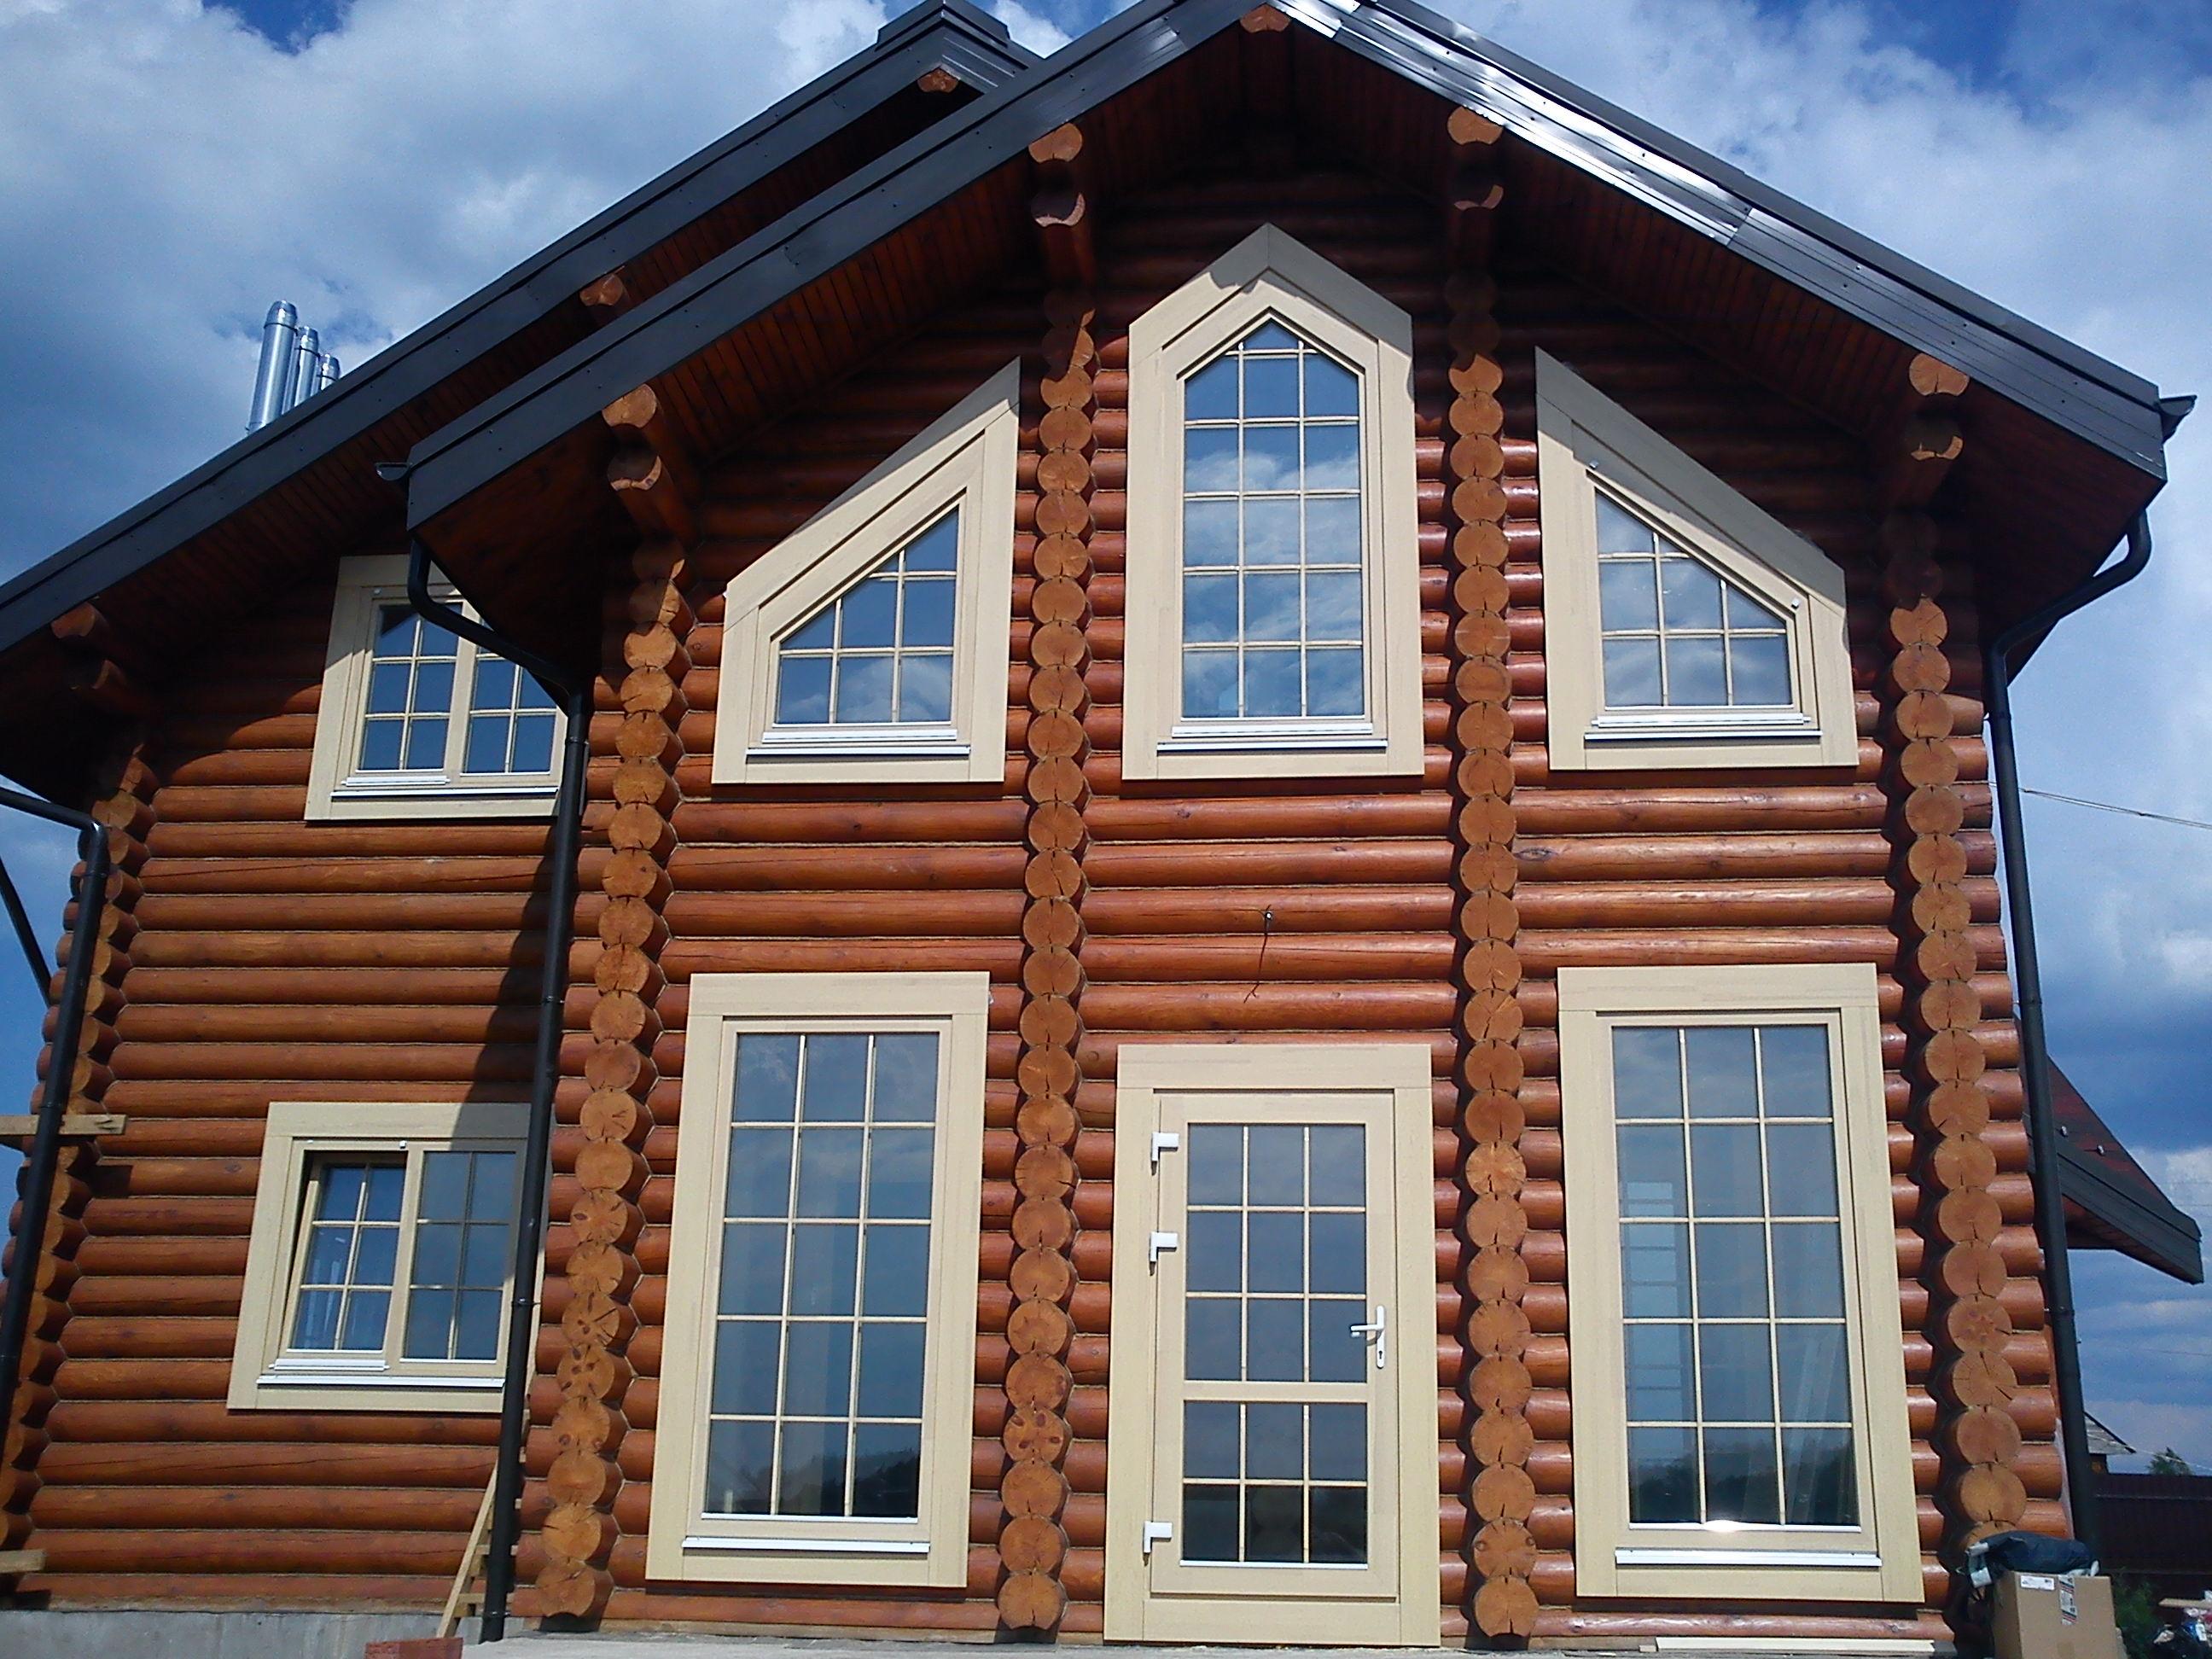 Наличники на окна: резные, деревянные, классические